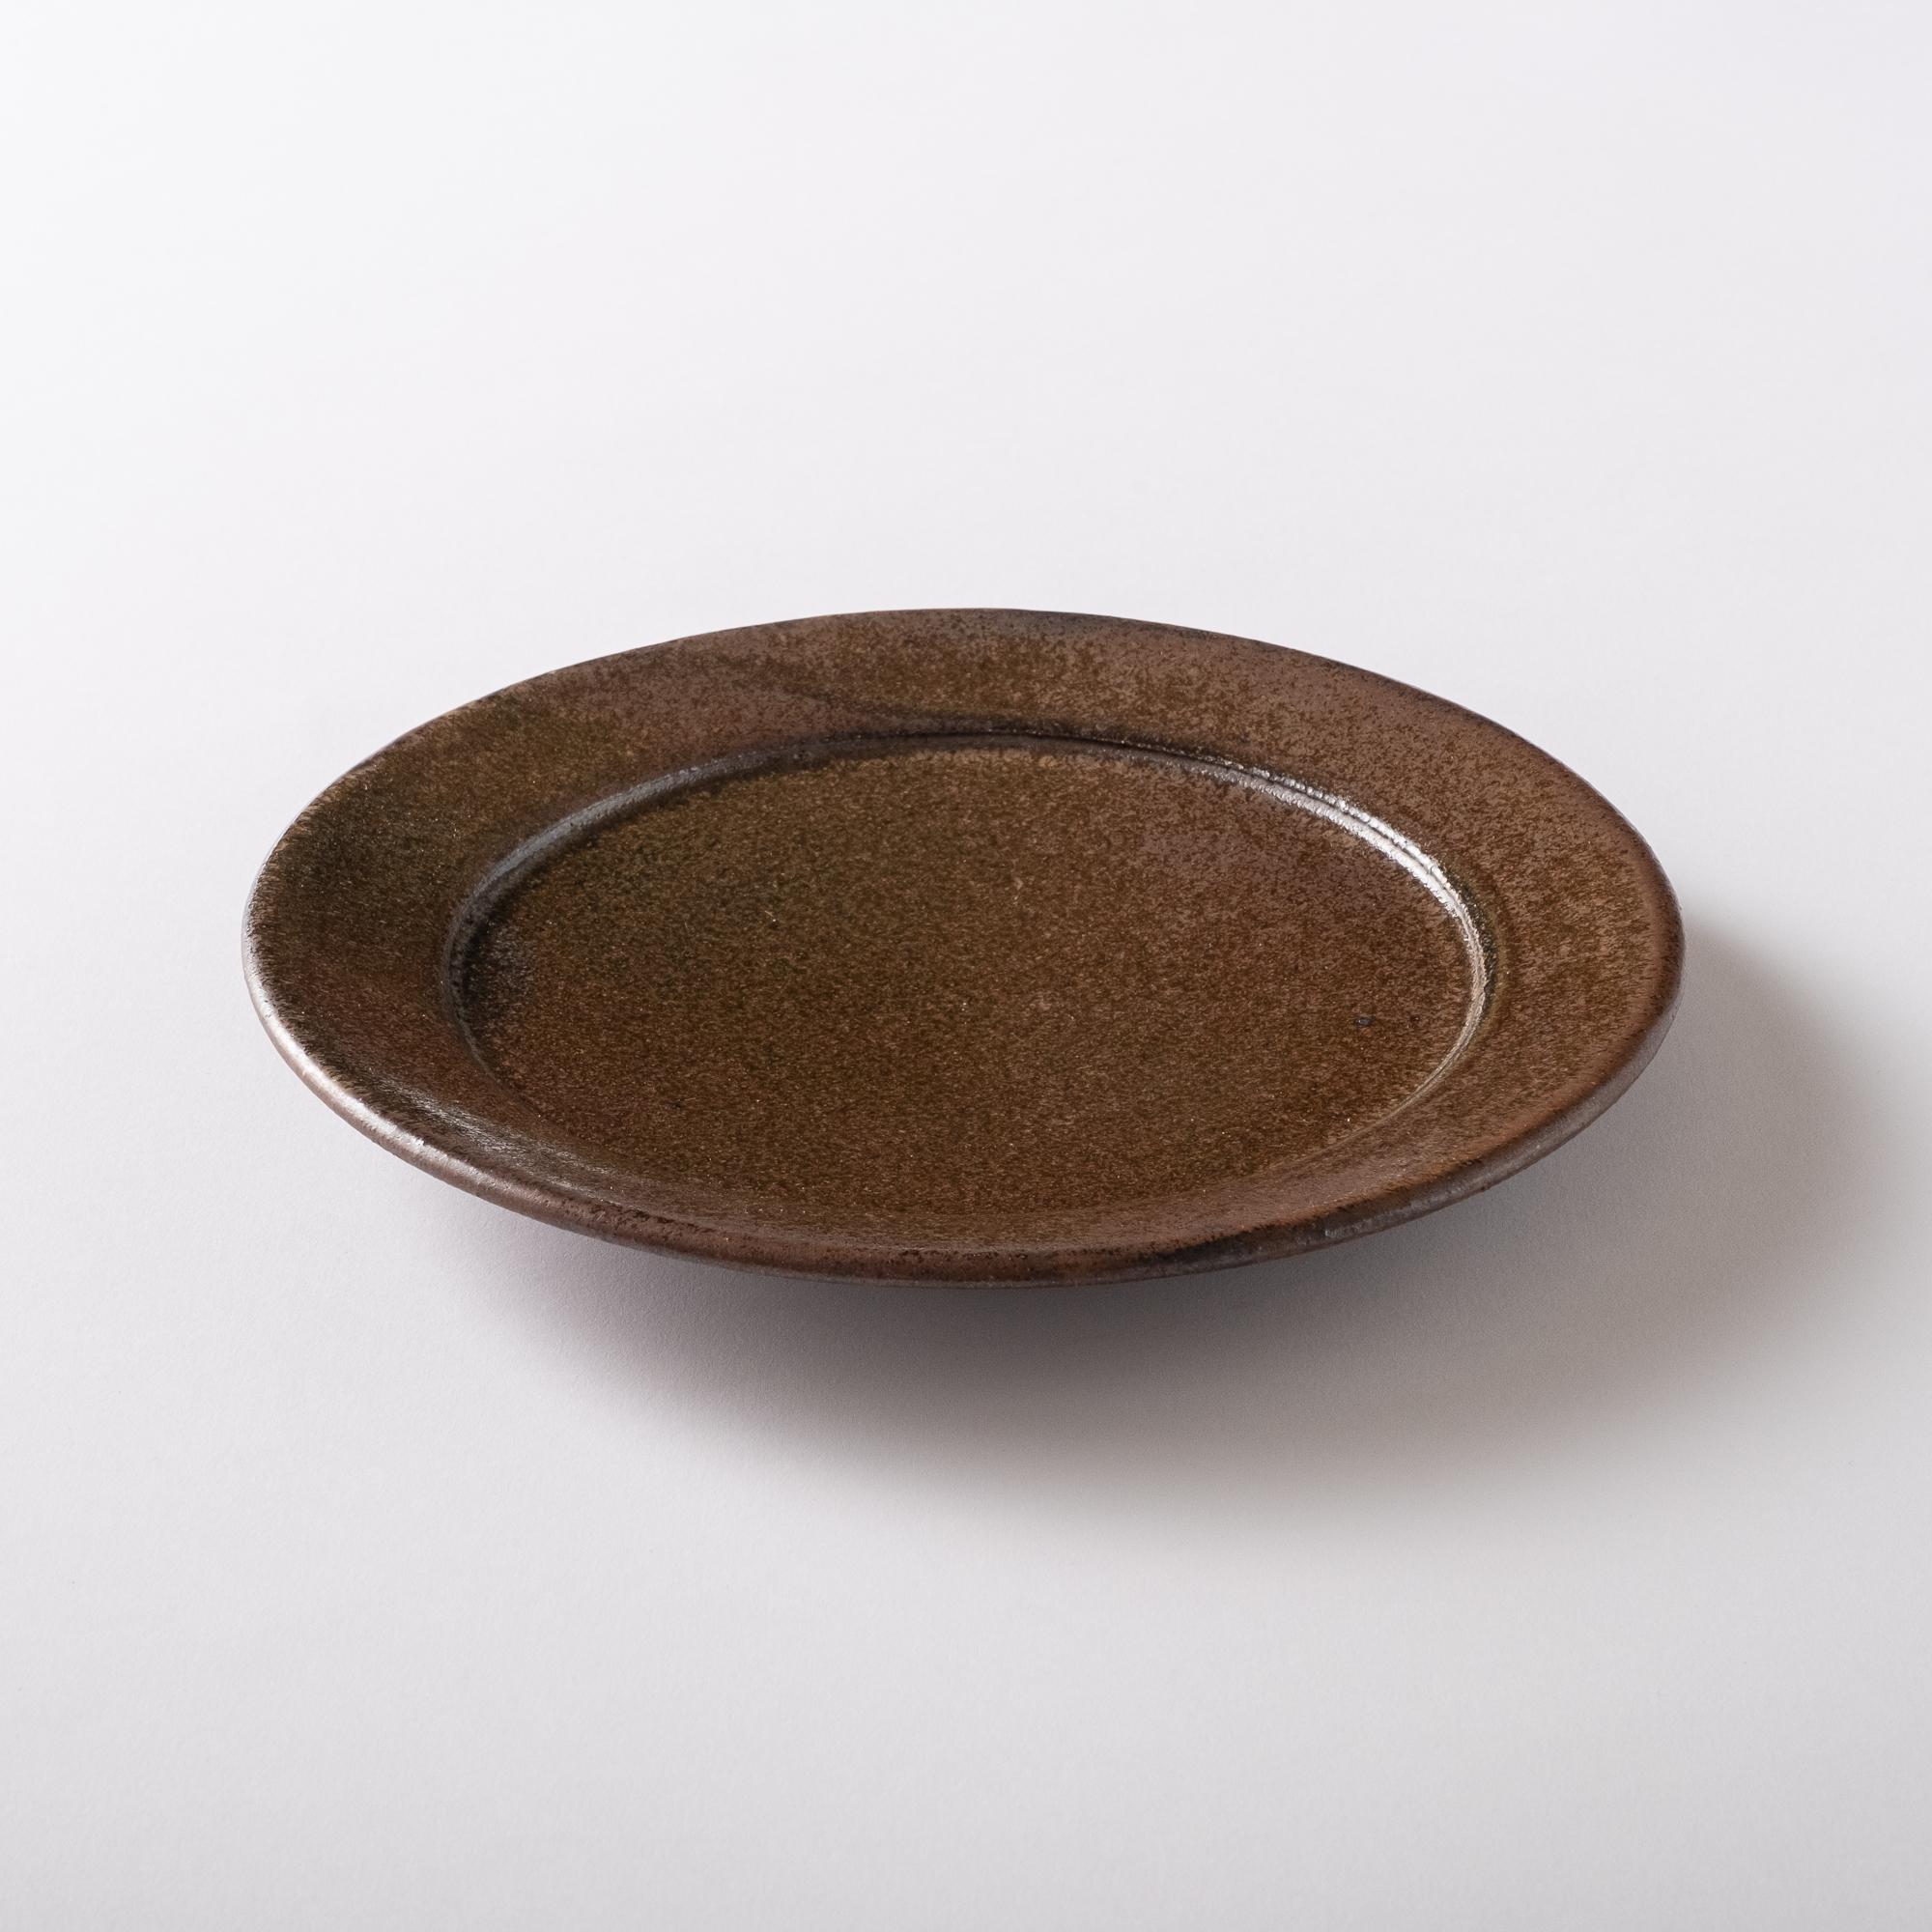 【瀬戸焼】朝食セット皿「ショコラブラウン 22.0リムプレート」